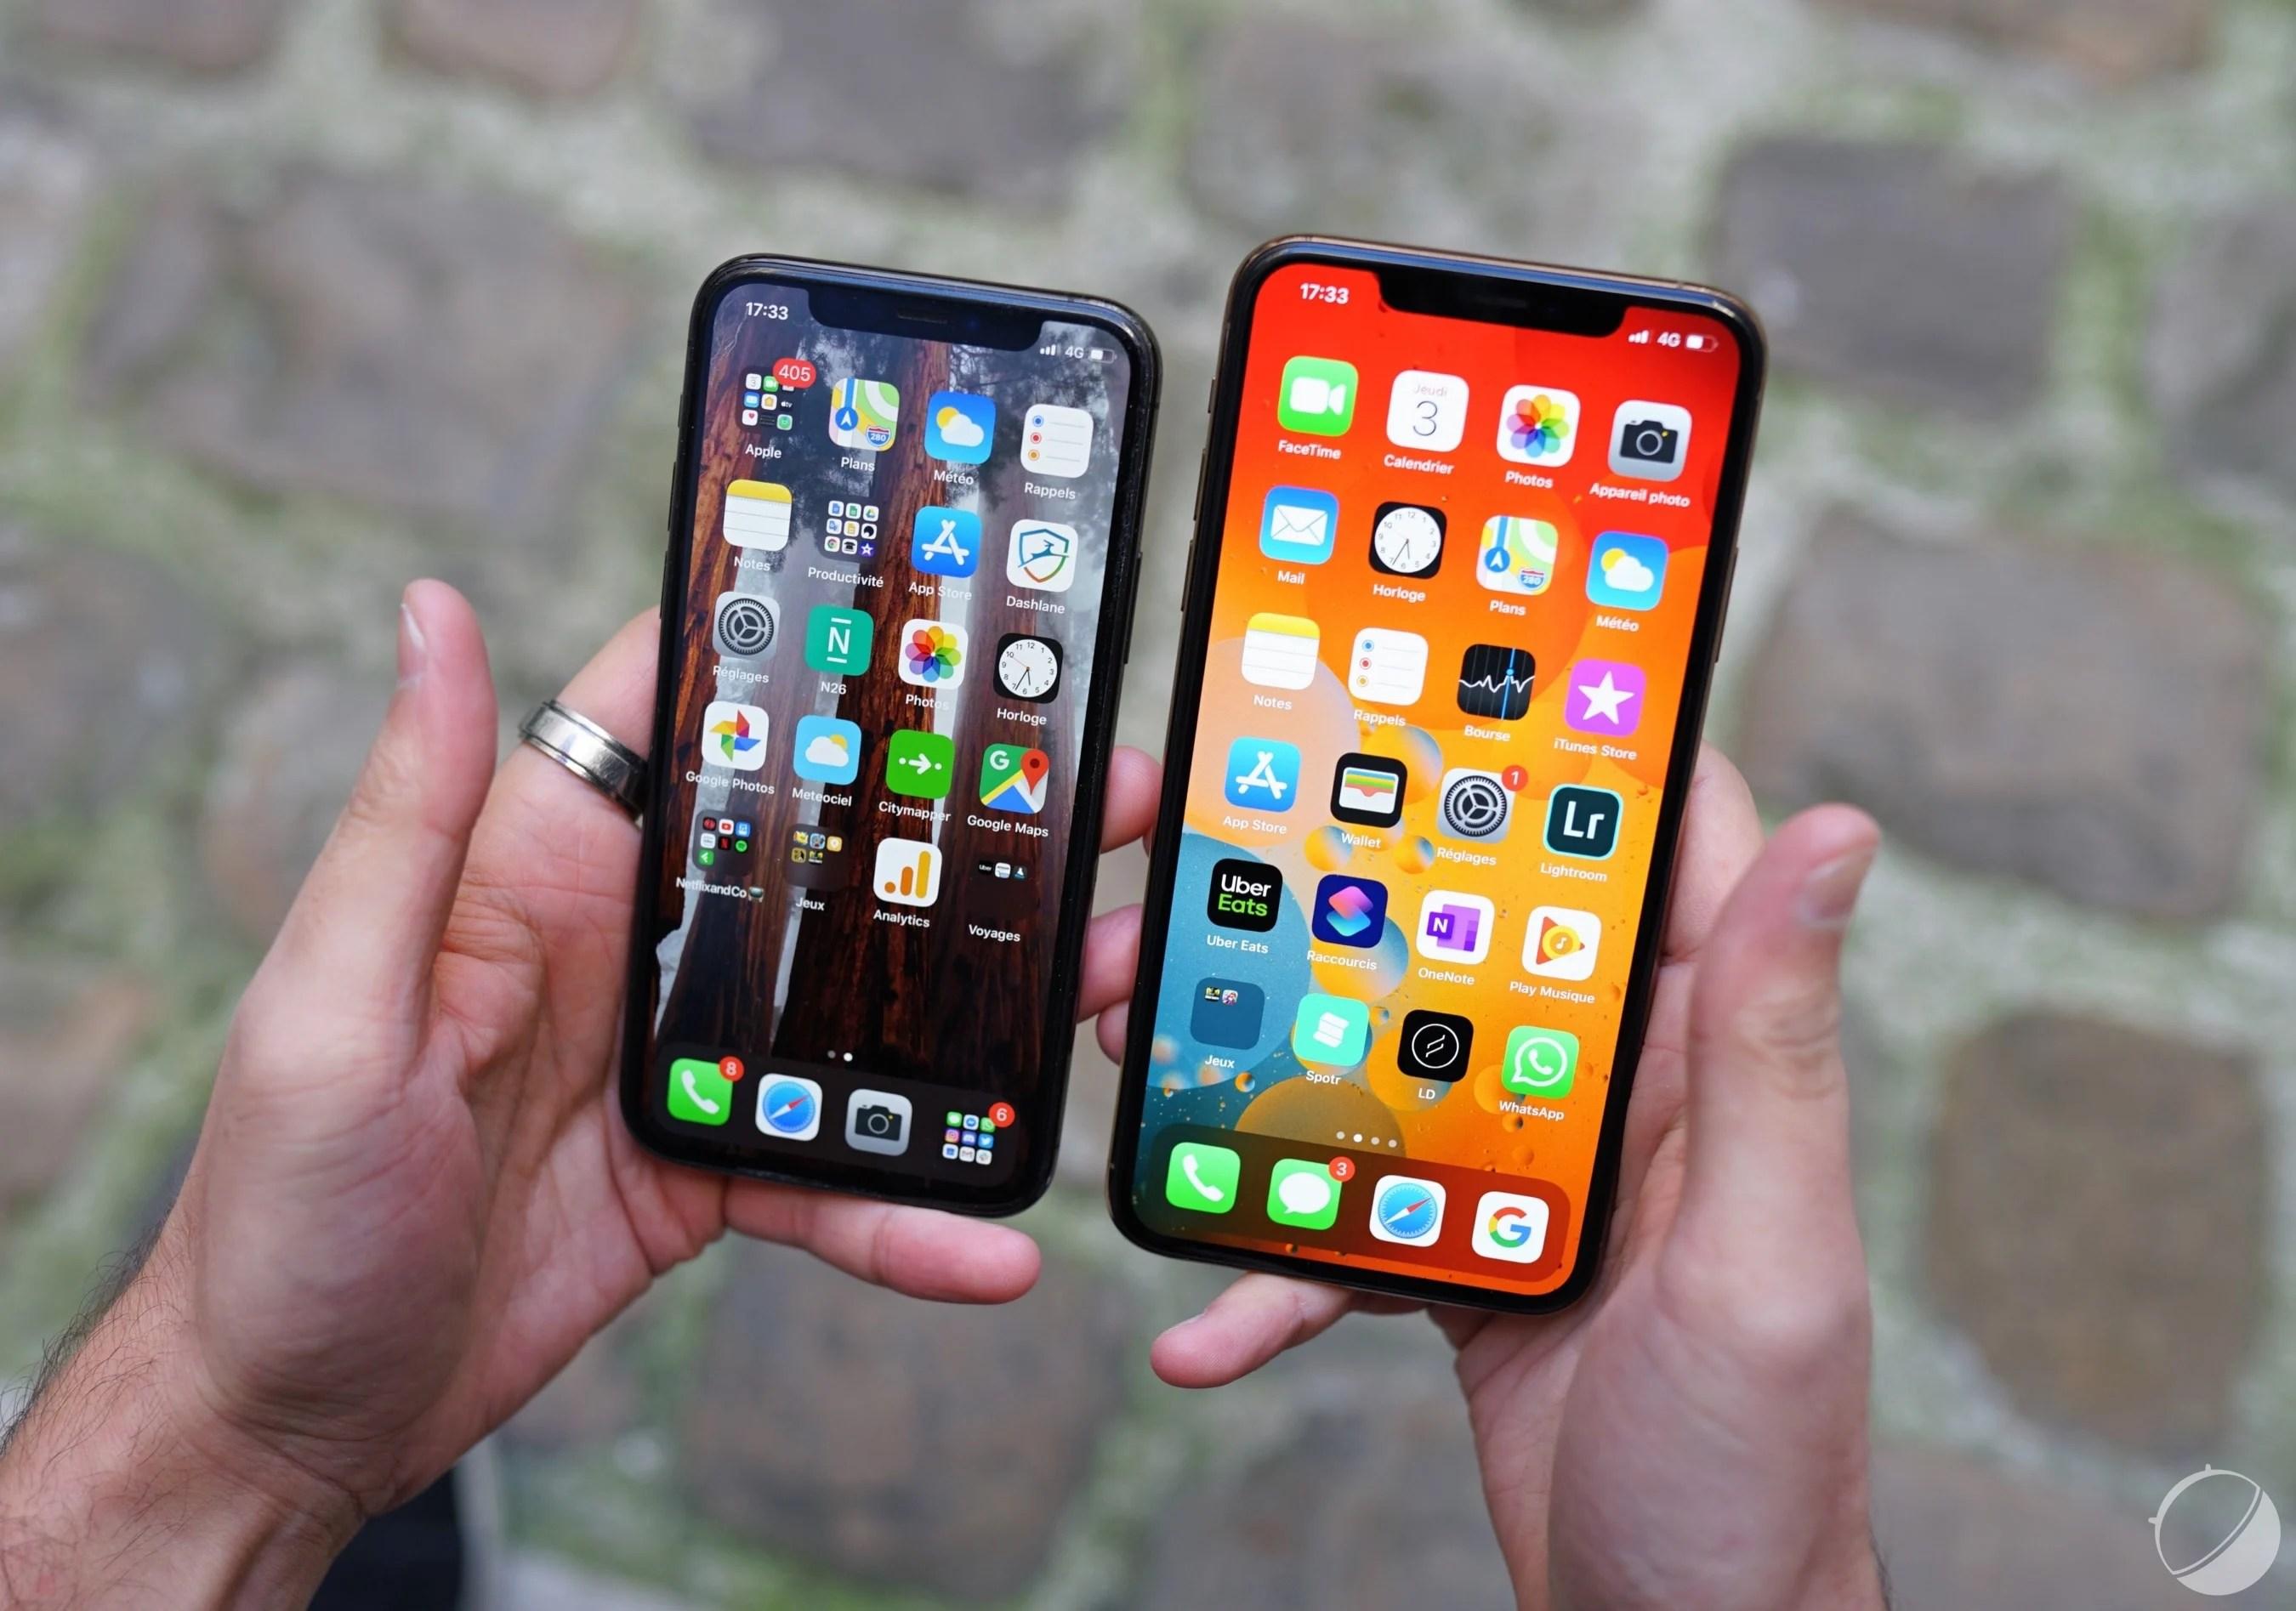 Raréfaction de l'iPhone, puces Kirin (Huawei) menacées et écran des Galaxy S20 – Tech'spresso